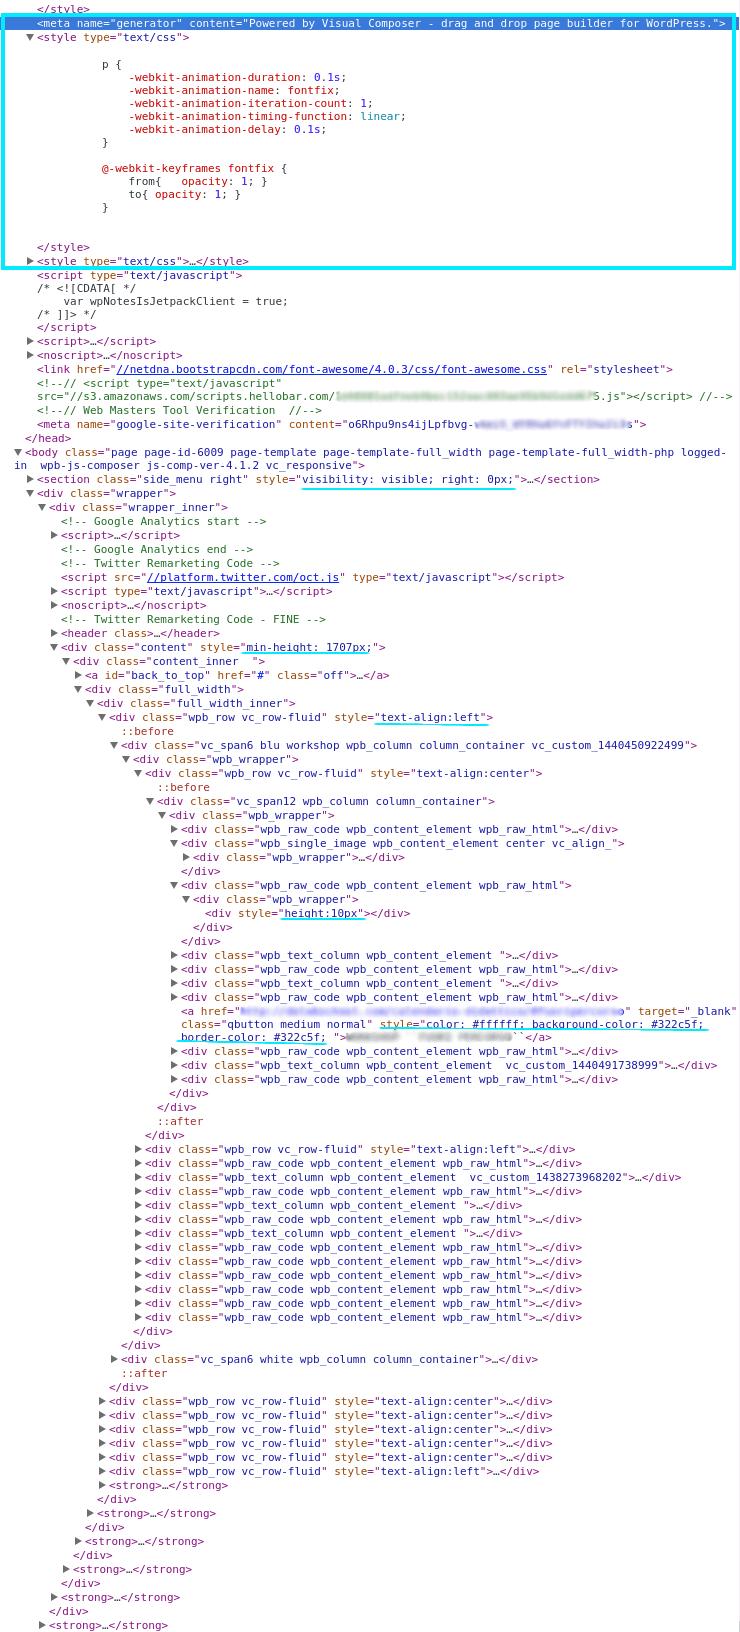 Il codice HTML generato da un page builder è incredibilmente complesso